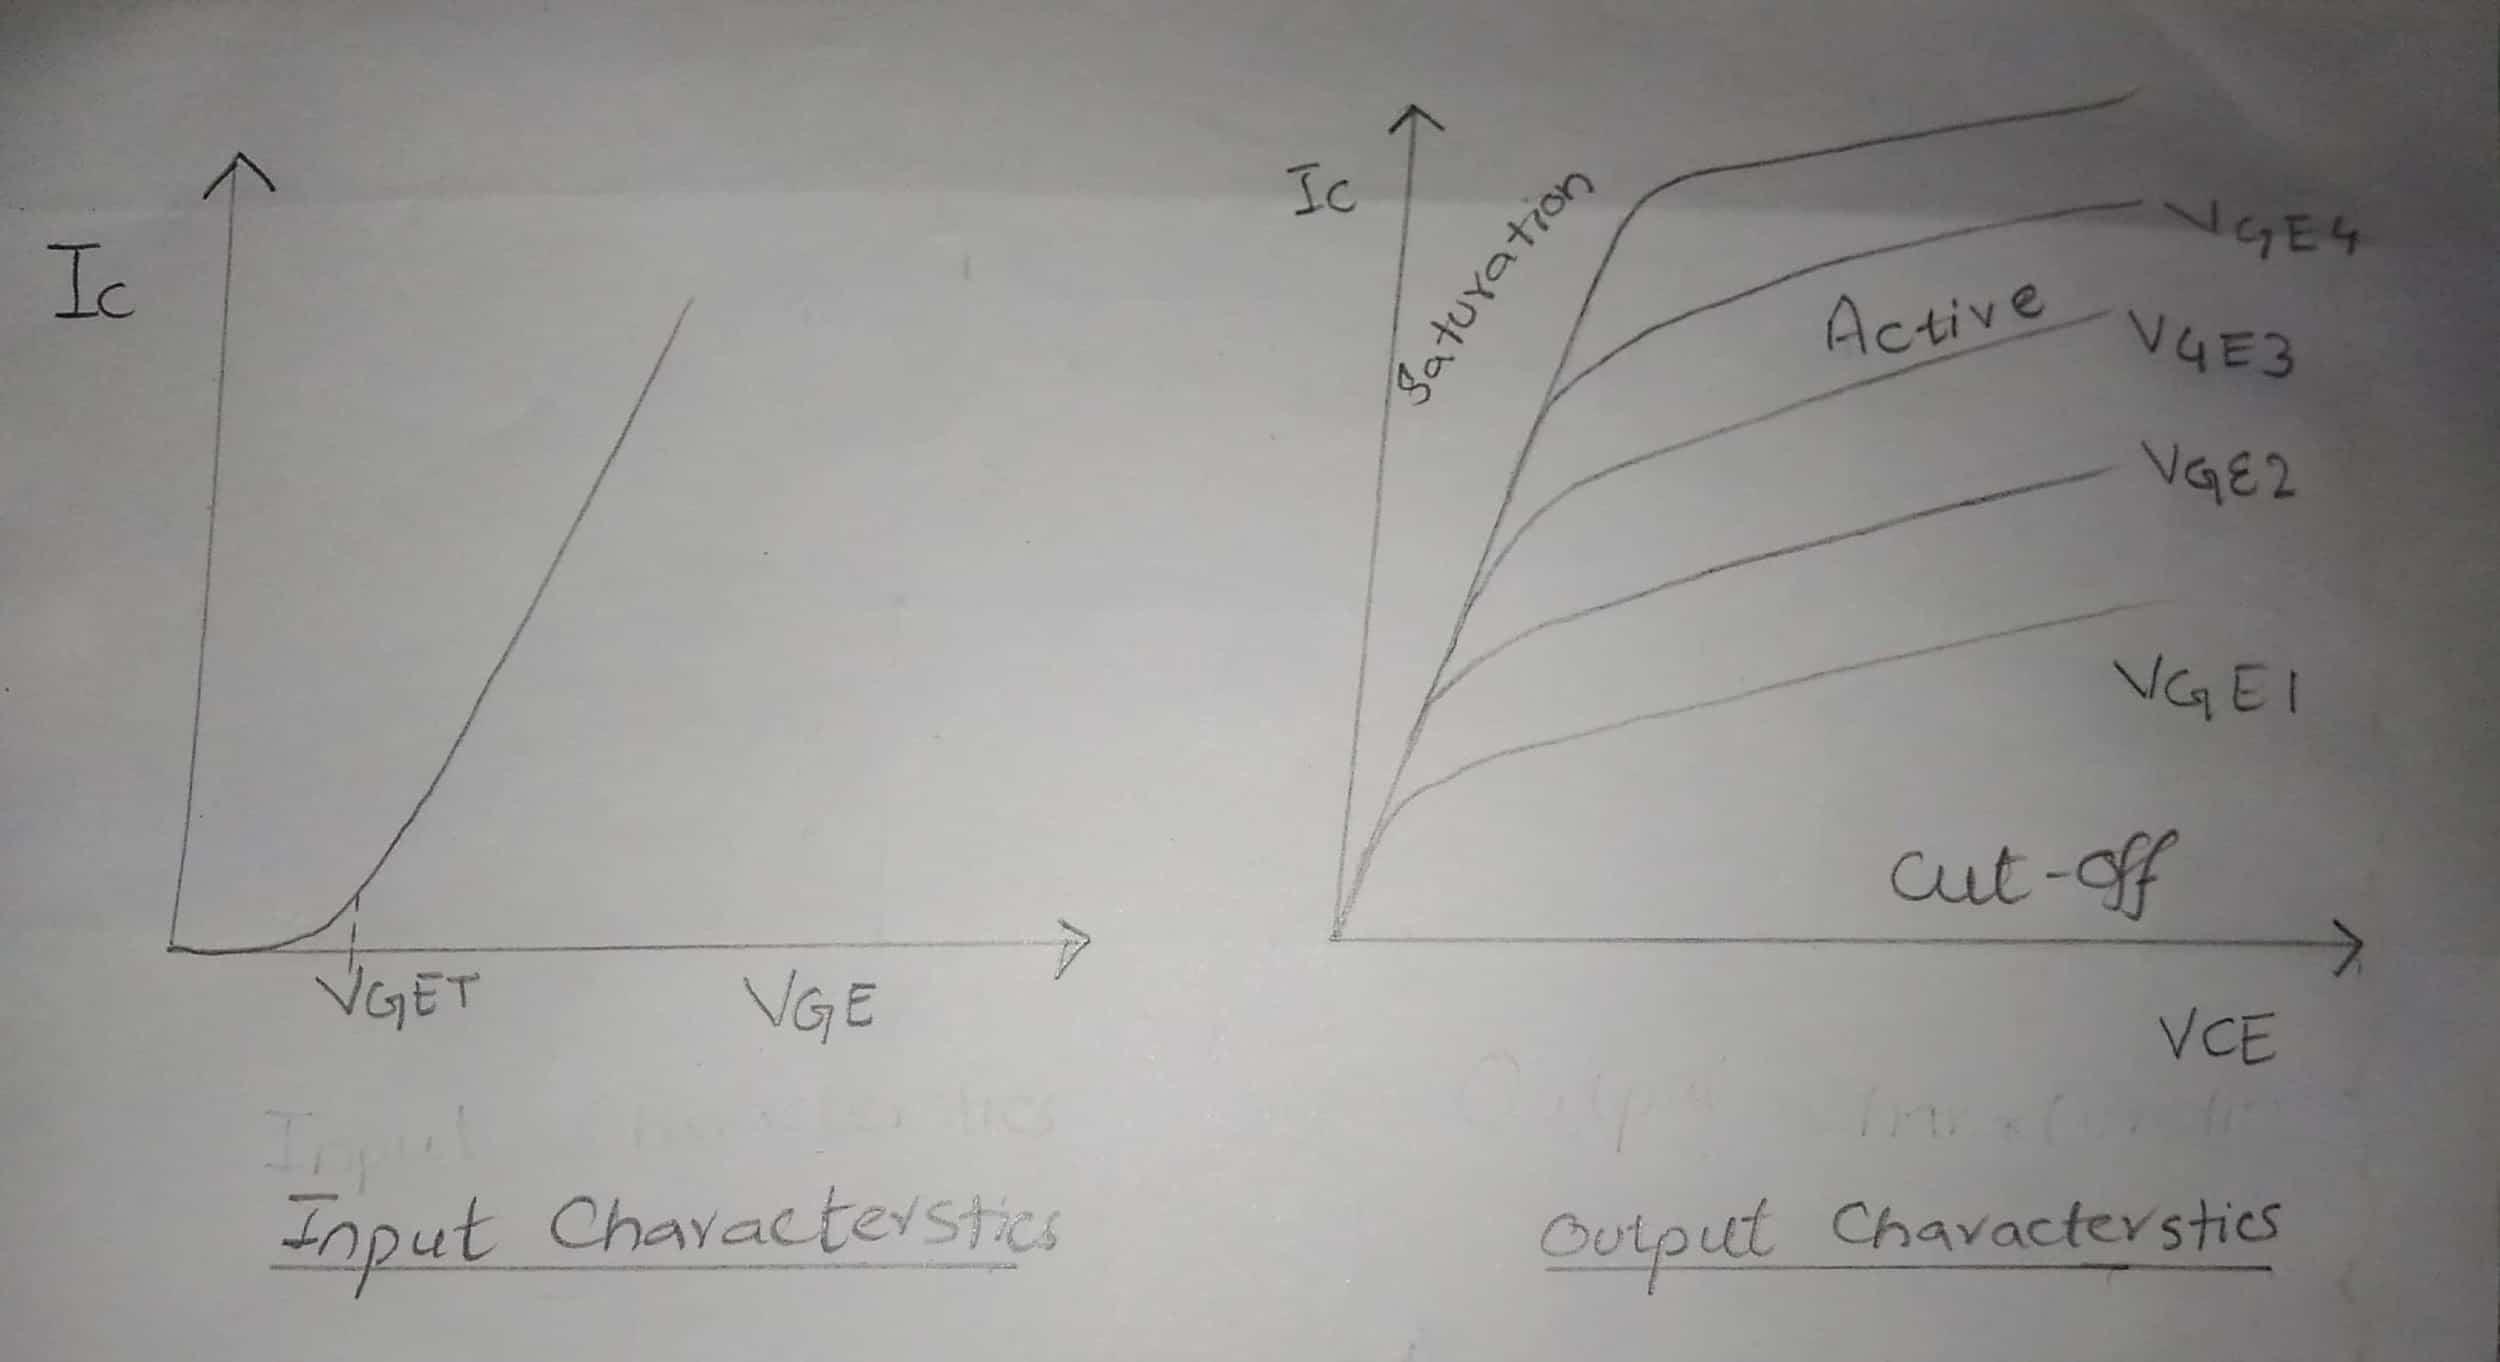 igbt switching characteristics